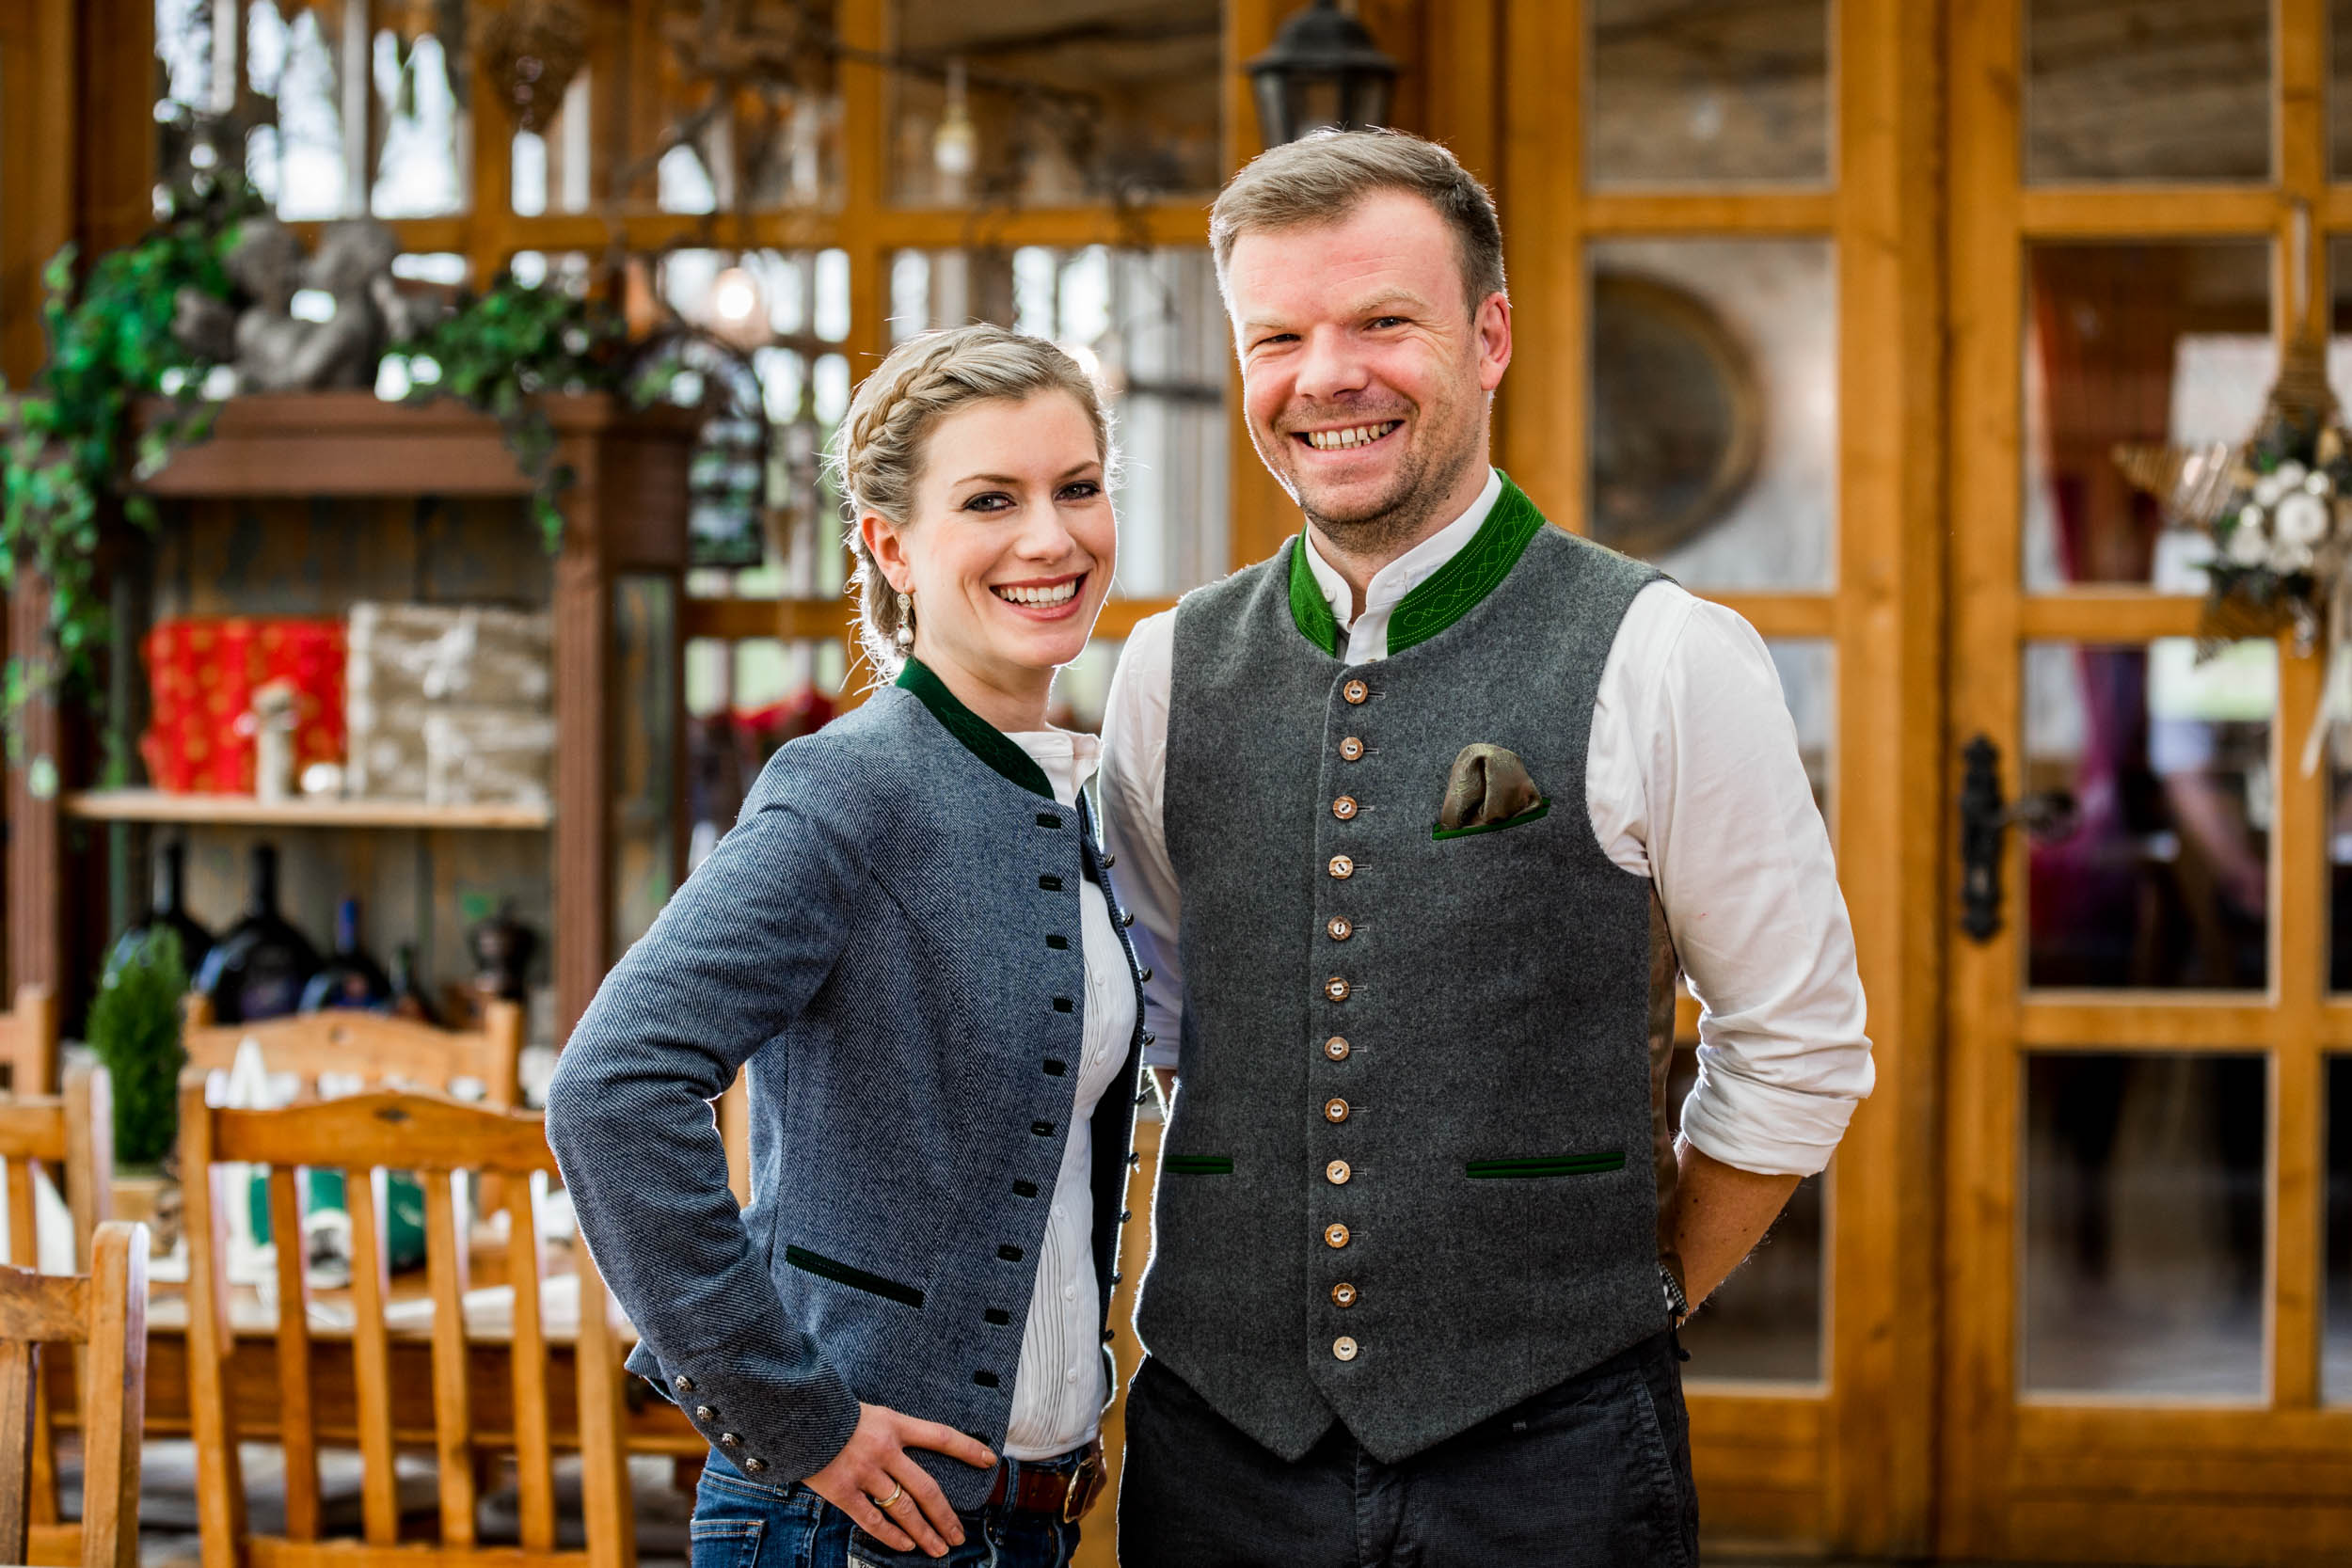 Auf ein entspanntes Wiedersehen nach den Betriebsferien vom Restaurant Kugler Alm Ebersberg freuen sich Ihre Gastgeber Barbara und Korbinian Kugler mit Team